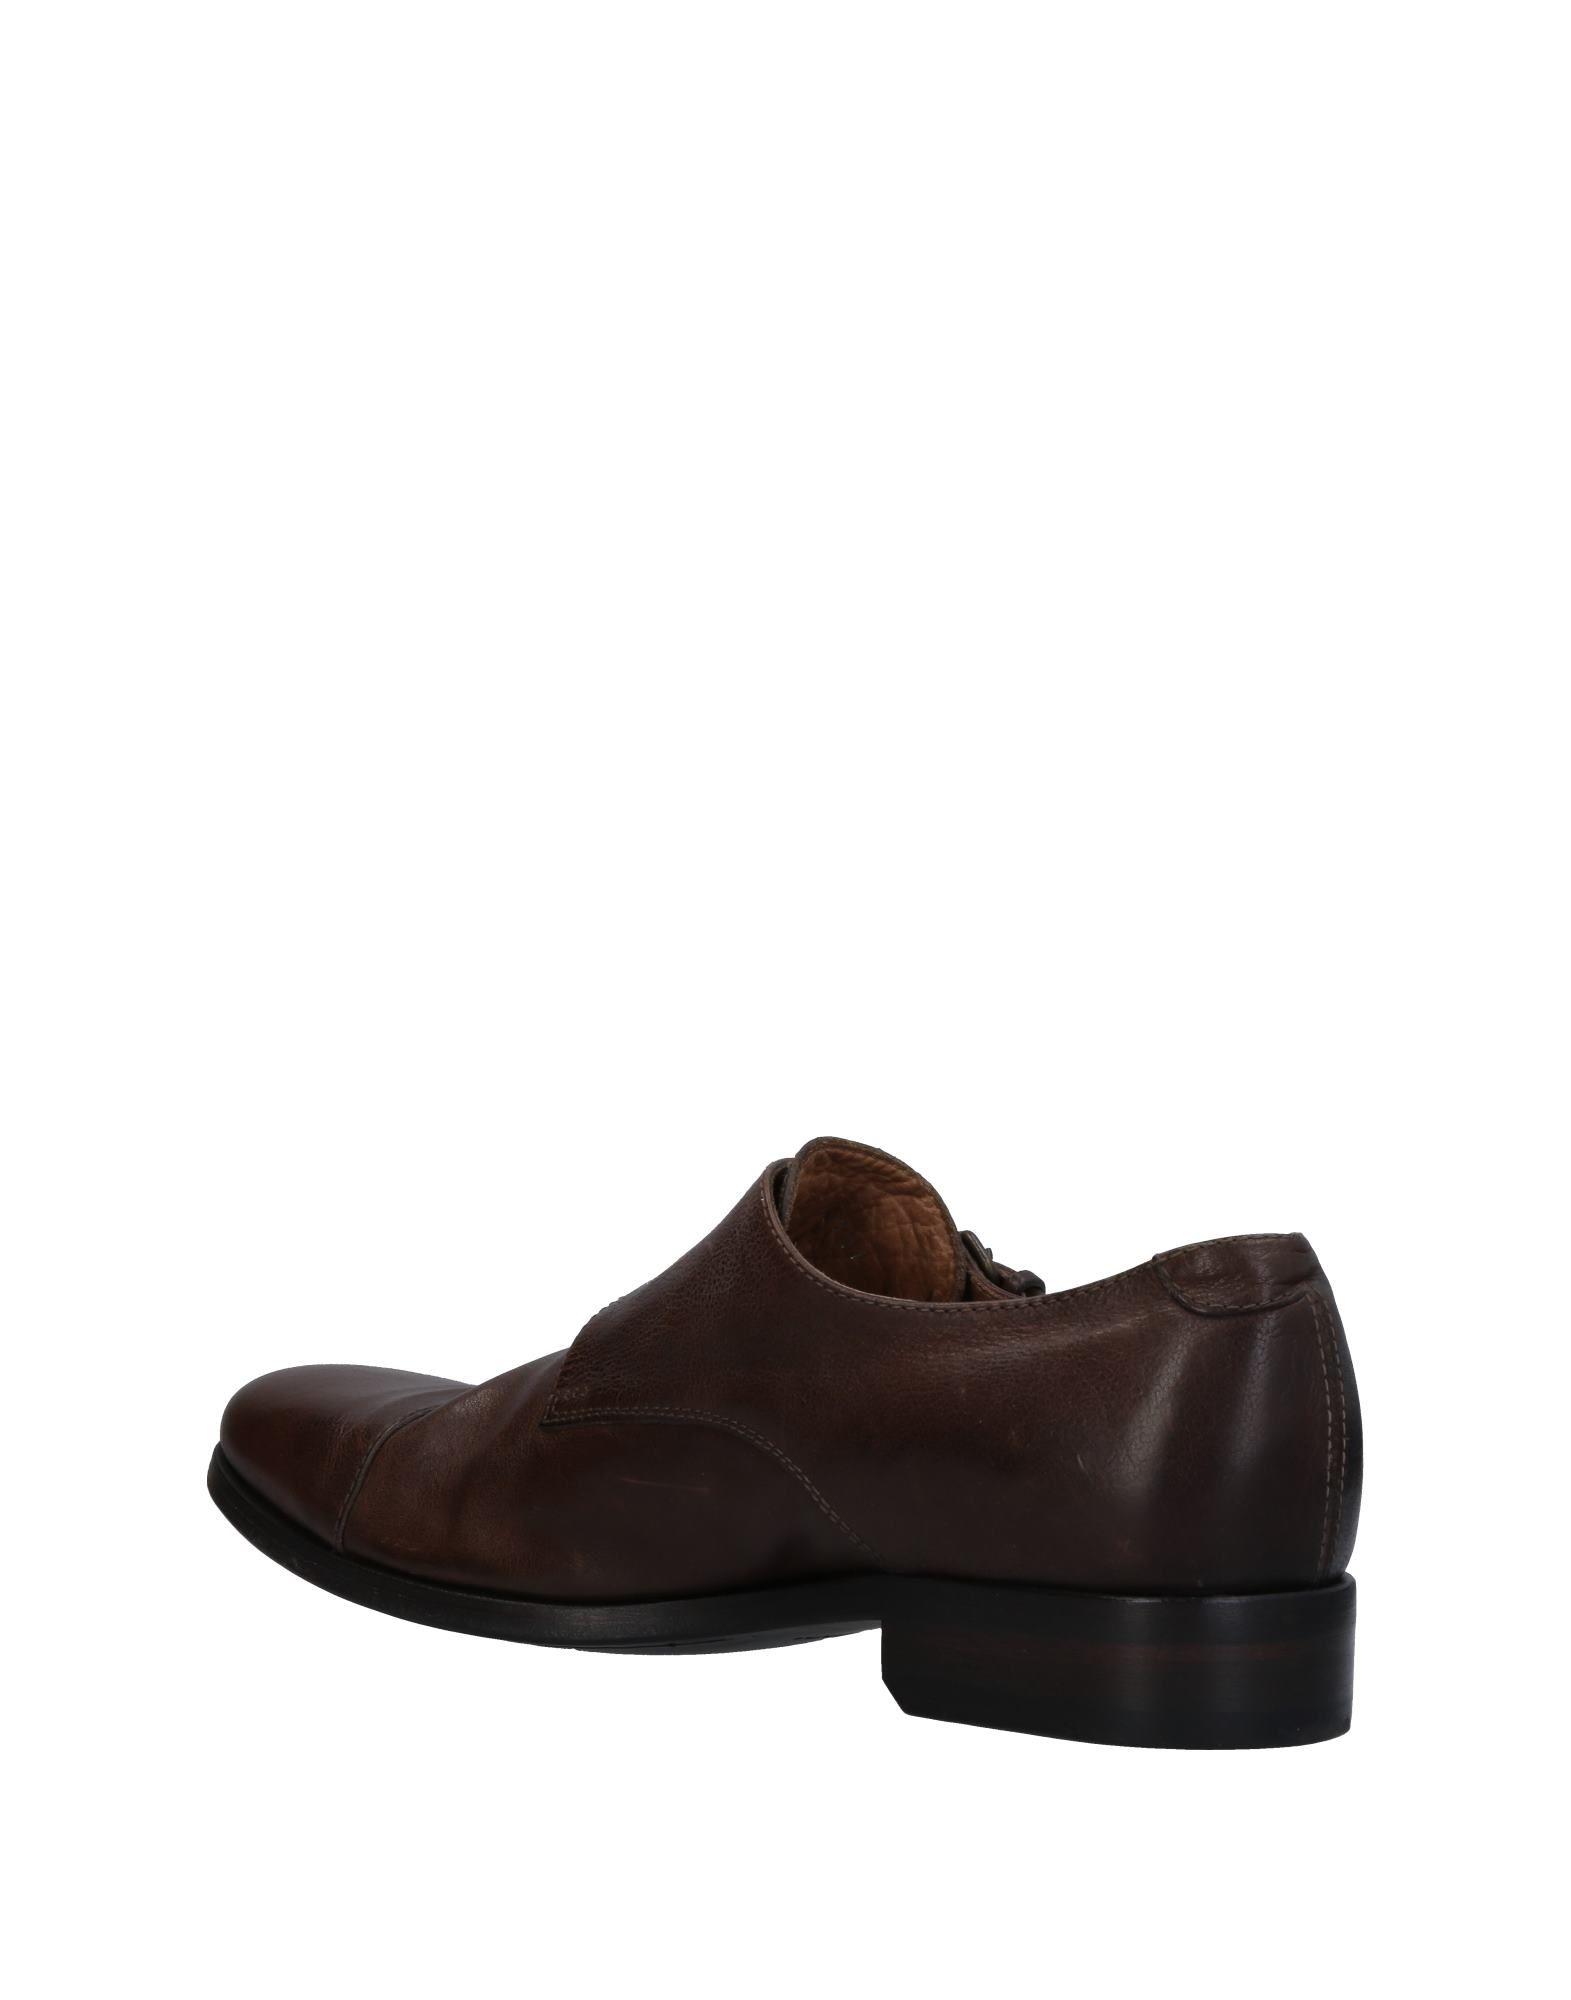 Buttero® Heiße Mokassins Herren  11249499VP Heiße Buttero® Schuhe bcfb85